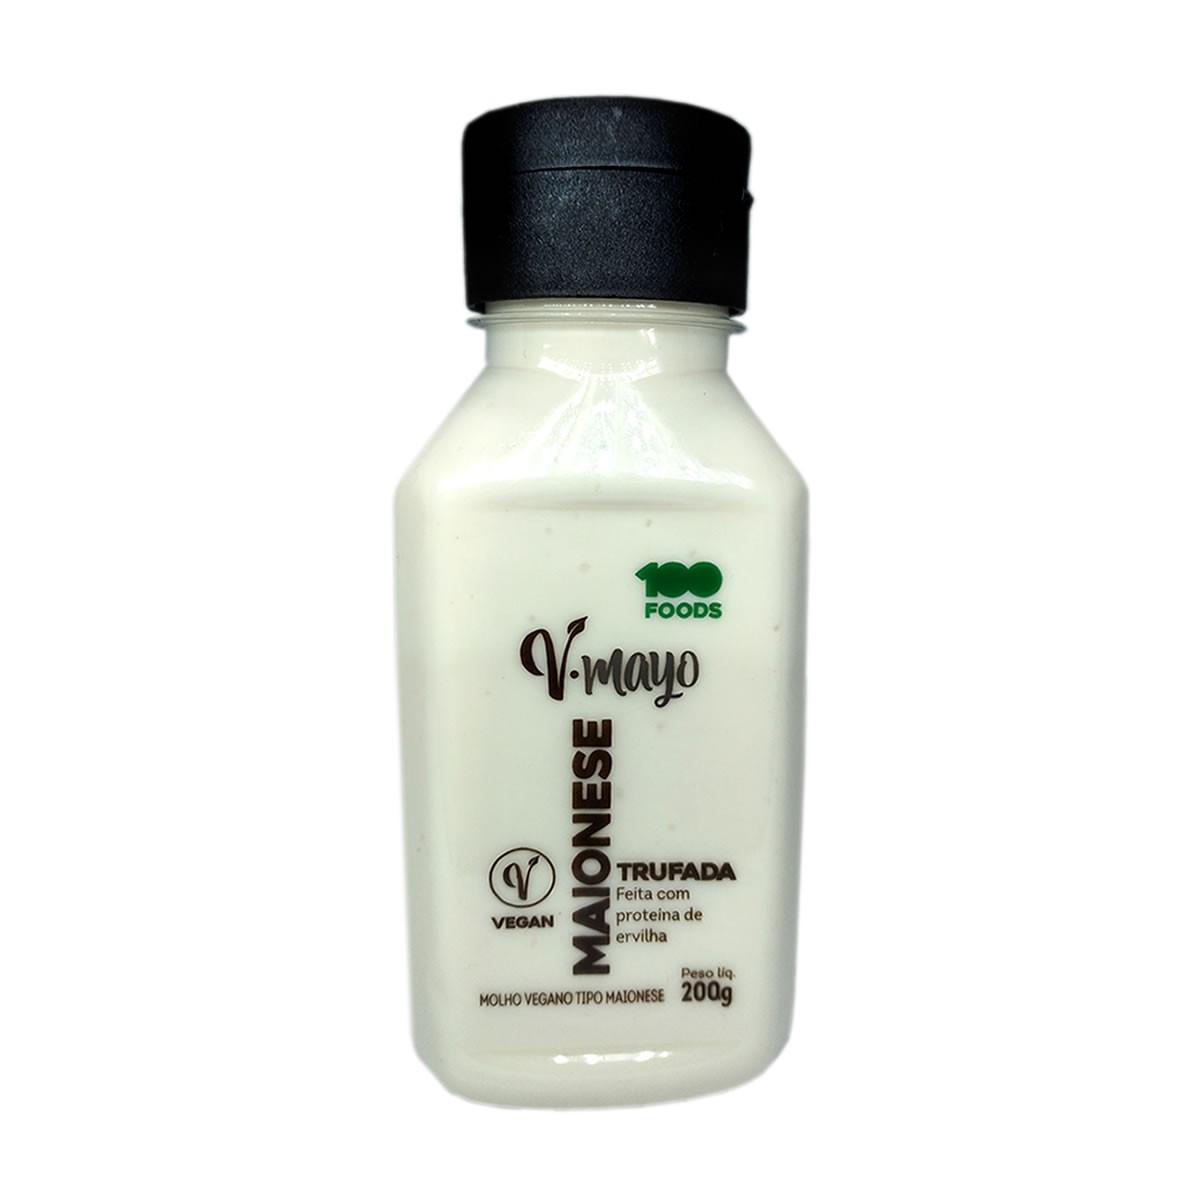 Maionese Vegana Trufada 200g - 100 Foods